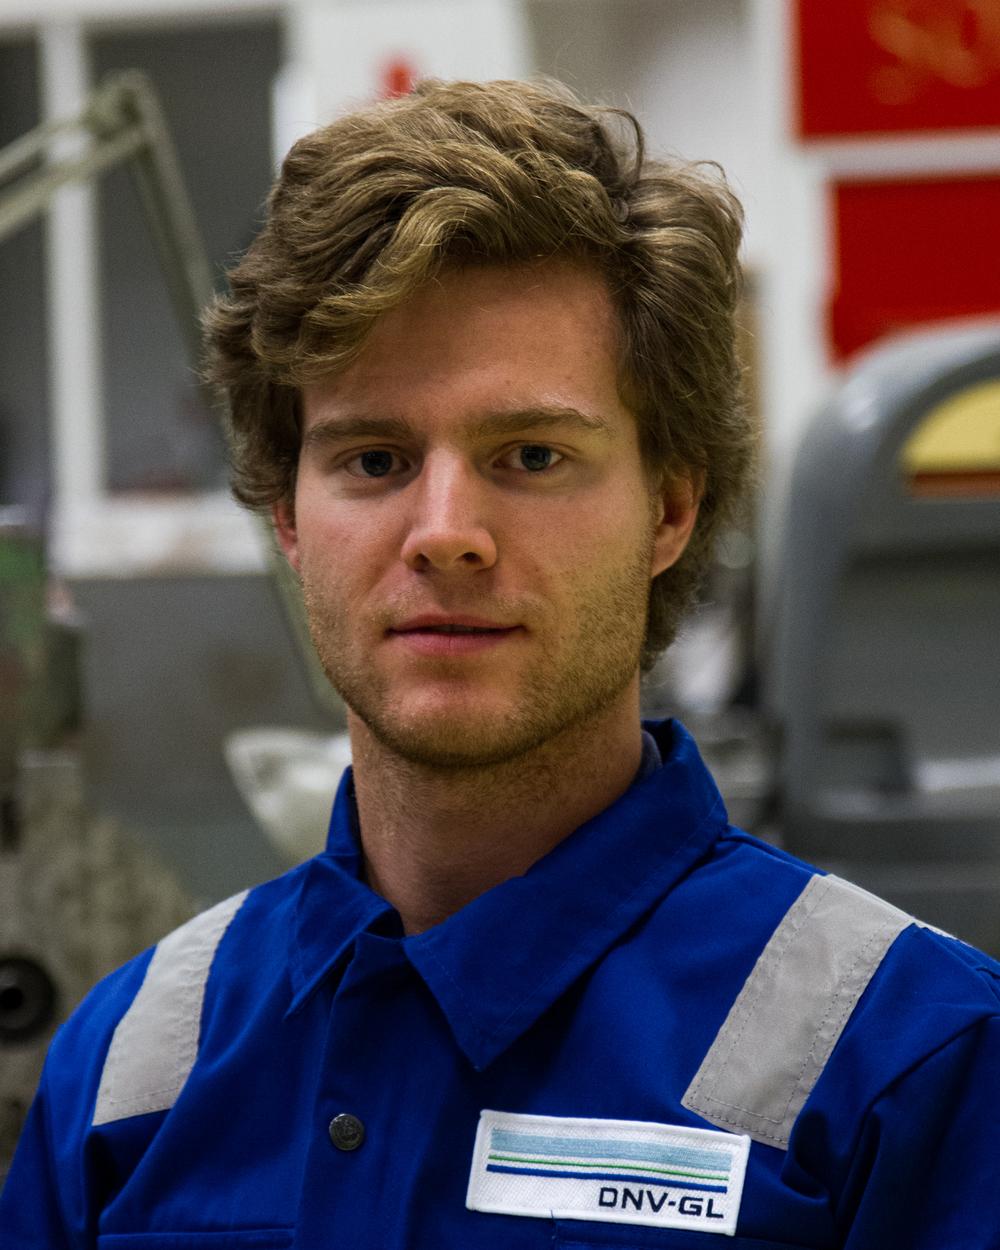 Jens Rief - Mechanical Engineer Studies: bachelor Mechanical Engineer Campus: HiST Hometown: Røa, Oslo, Norway